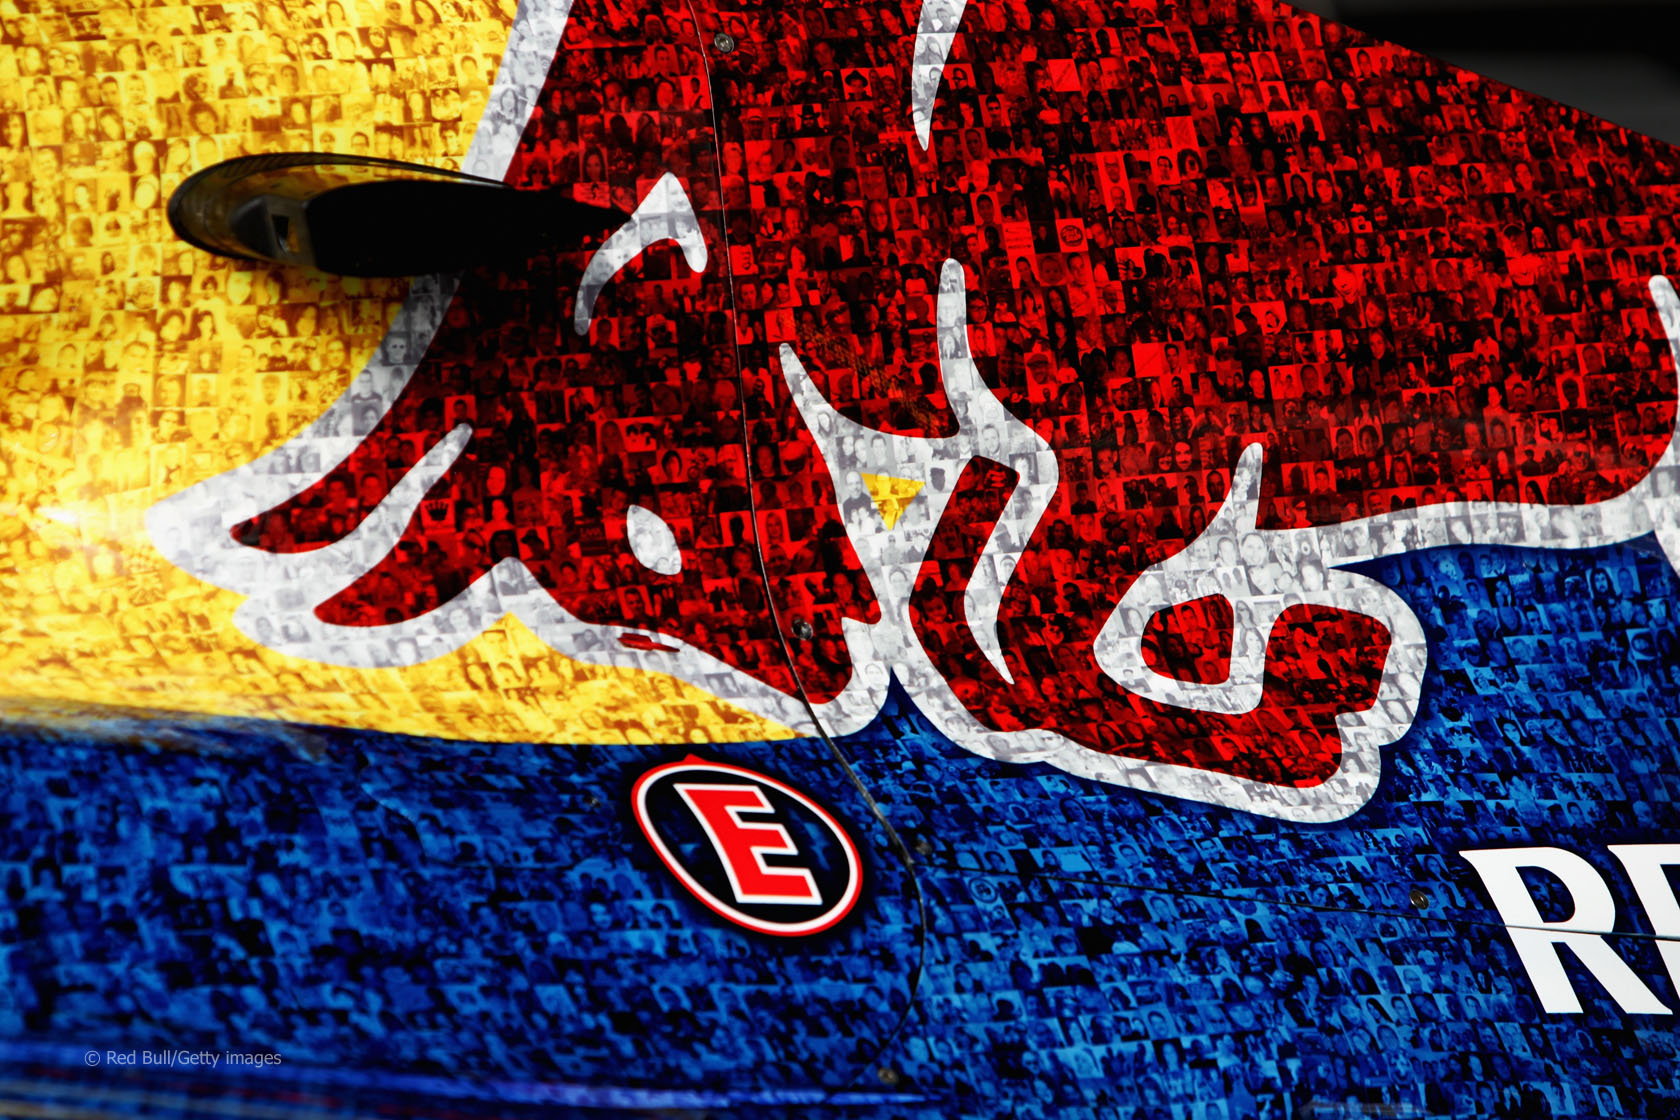 New York Red Bulls Wallpaper On Behance 1680x1120